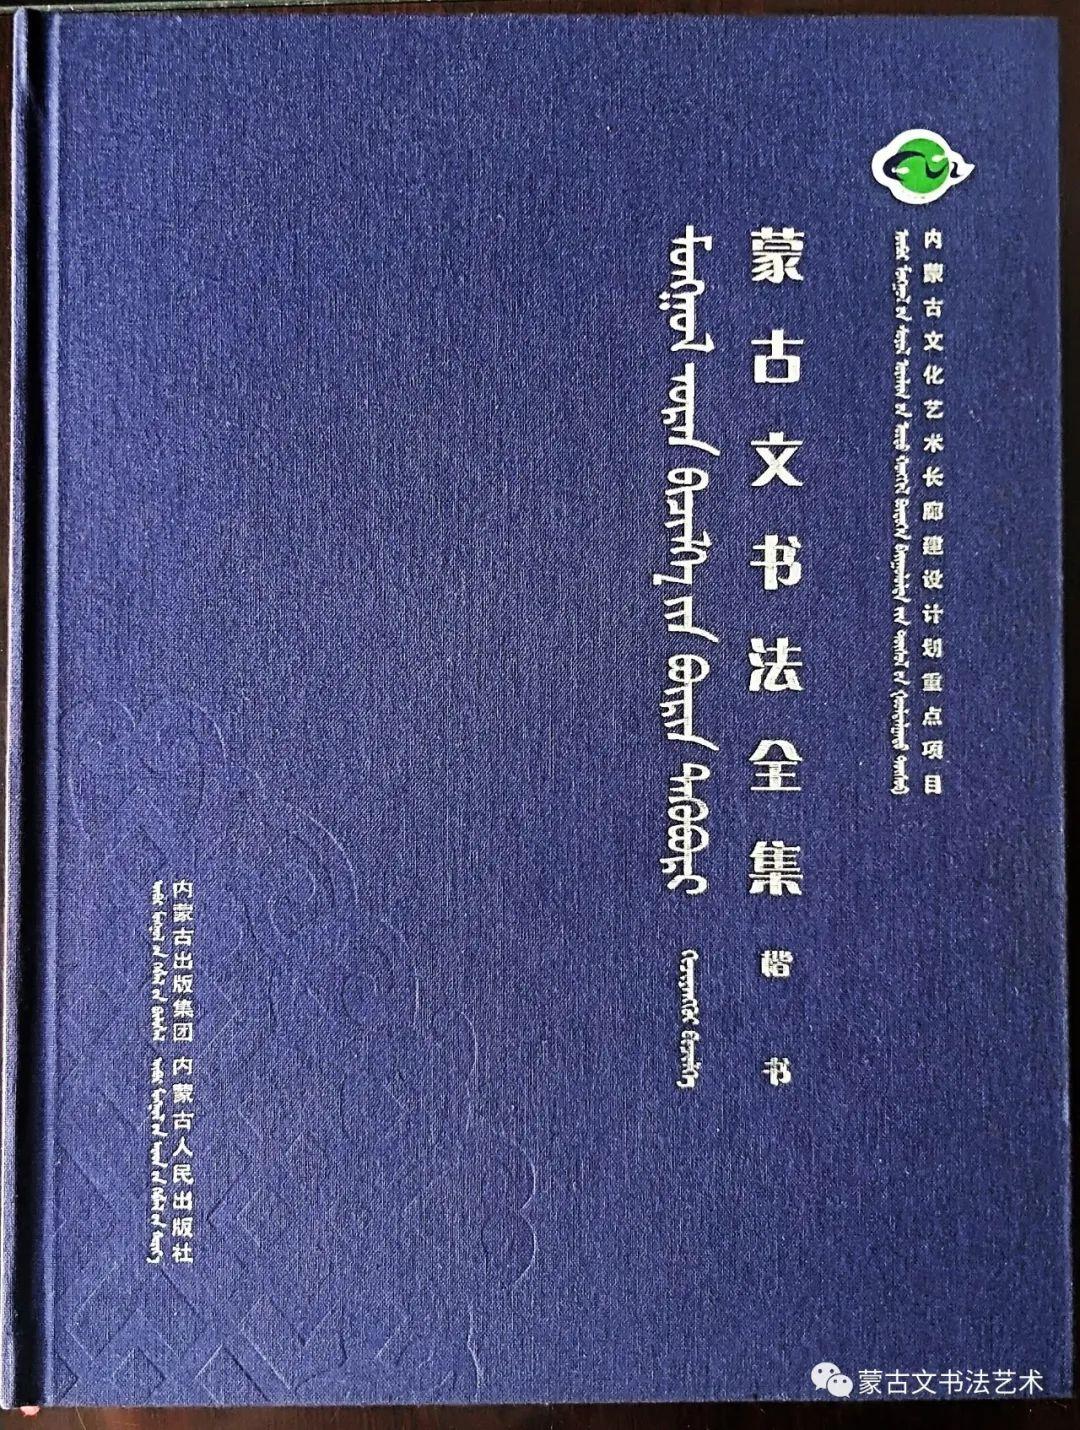 蒙古文书法全集 第5张 蒙古文书法全集 蒙古书法